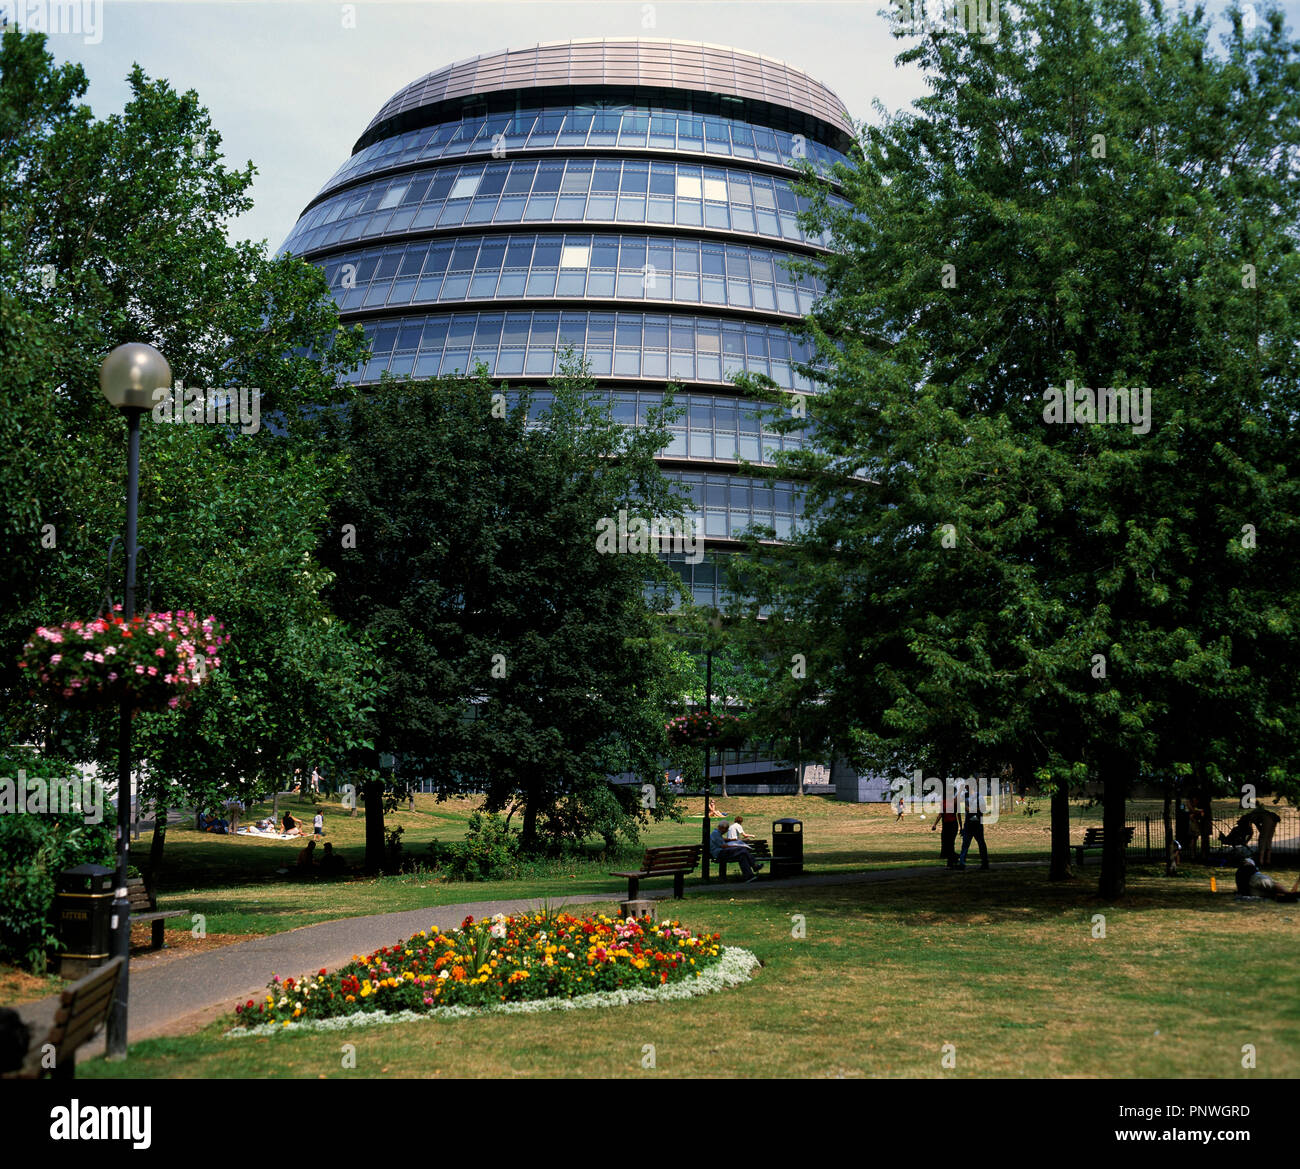 United Kingdom. England. London. Southwark. City Hall. - Stock Image